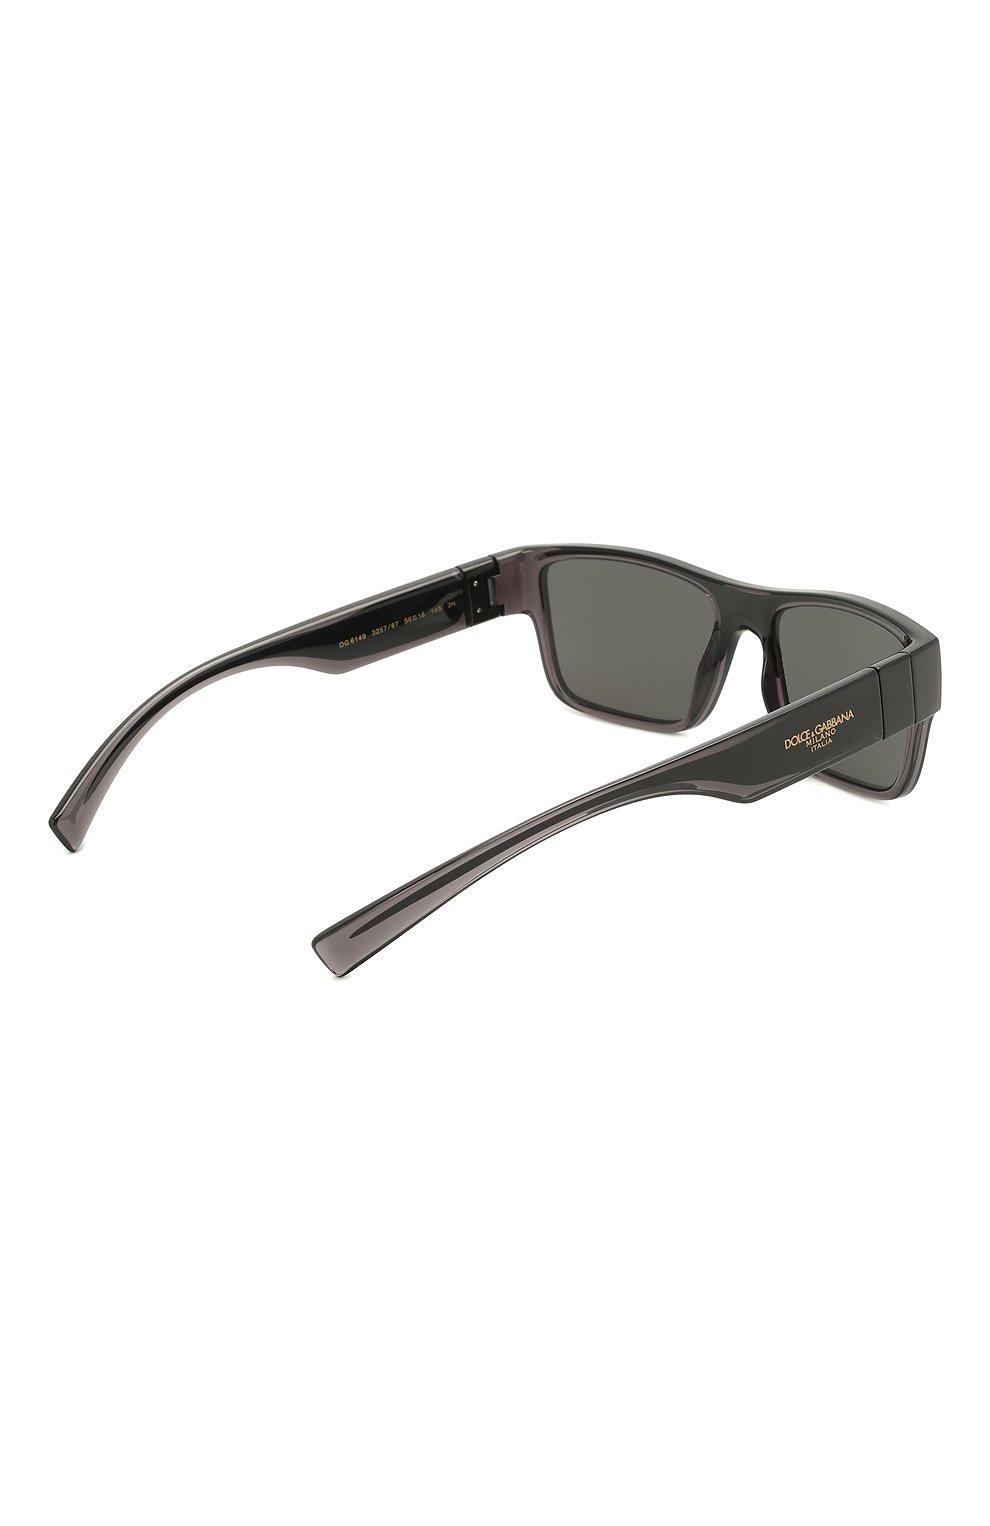 Мужские солнцезащитные очки DOLCE & GABBANA темно-серого цвета, арт. 6149-325787 | Фото 4 (Тип очков: С/з; Очки форма: Прямоугольные; Оптика Гендер: оптика-мужское)